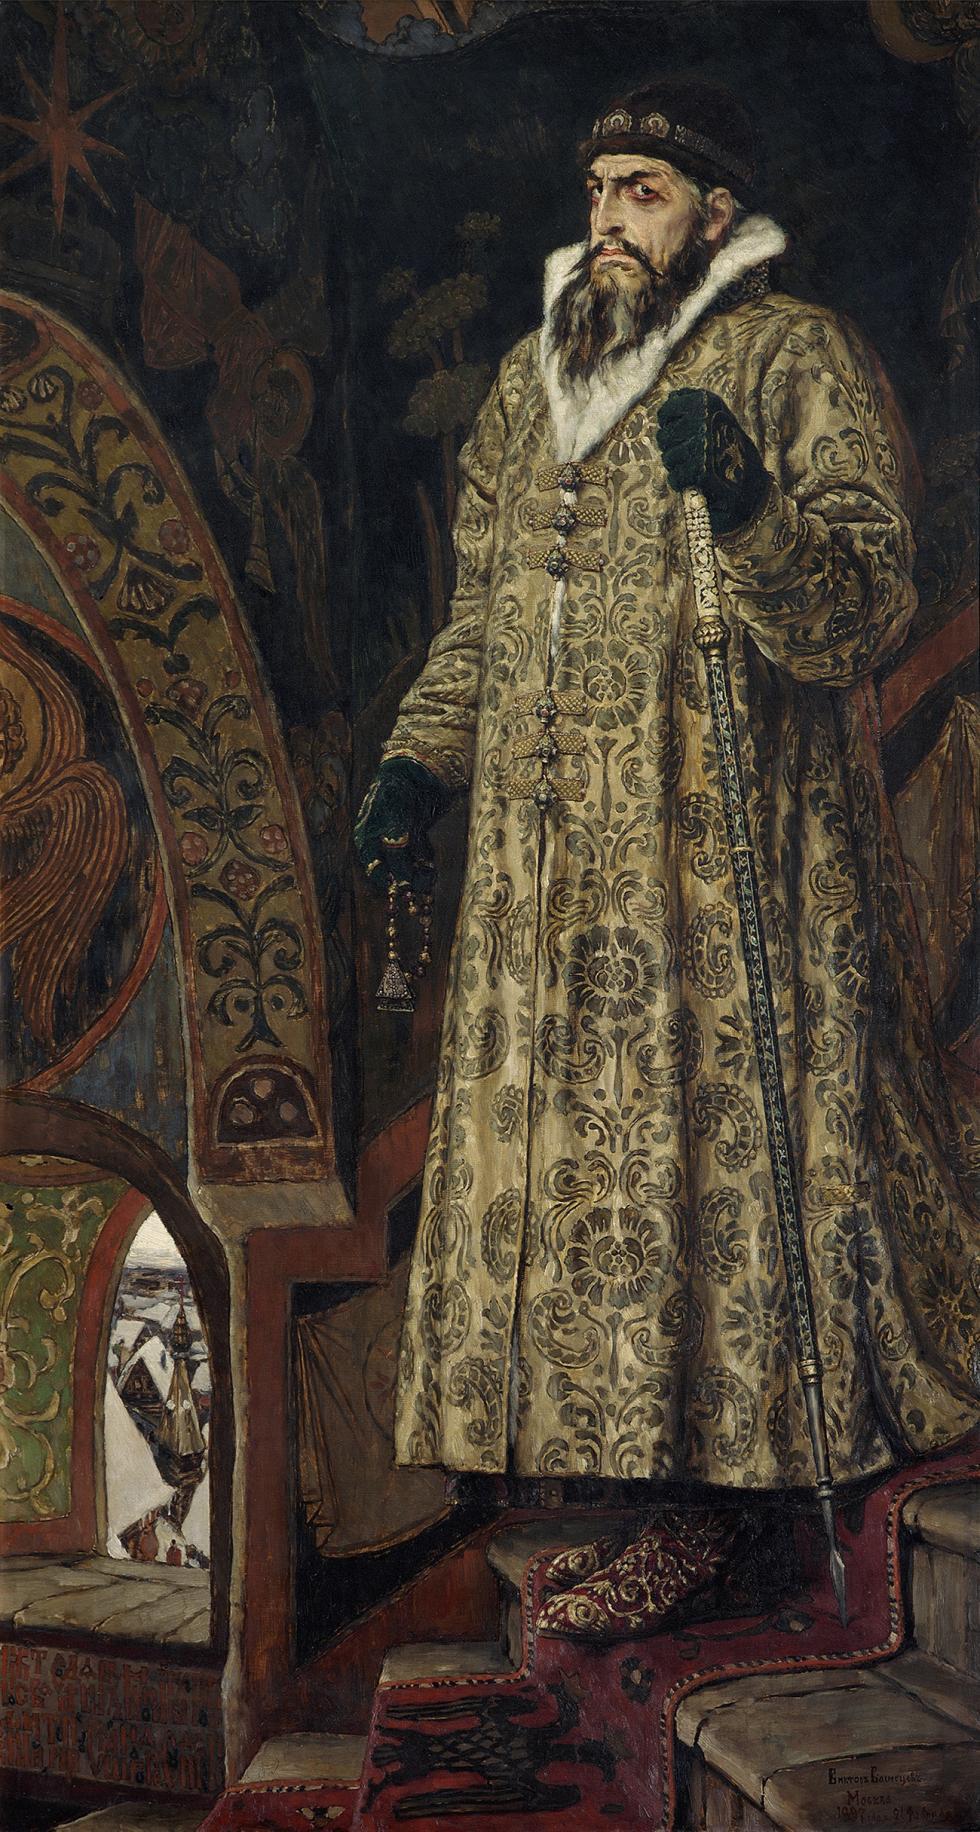 《沙皇伊凡雷帝》。维克多·瓦斯涅佐夫(Viktor Vasnetsov),1897年。图片来源: 特列季亚科夫画廊